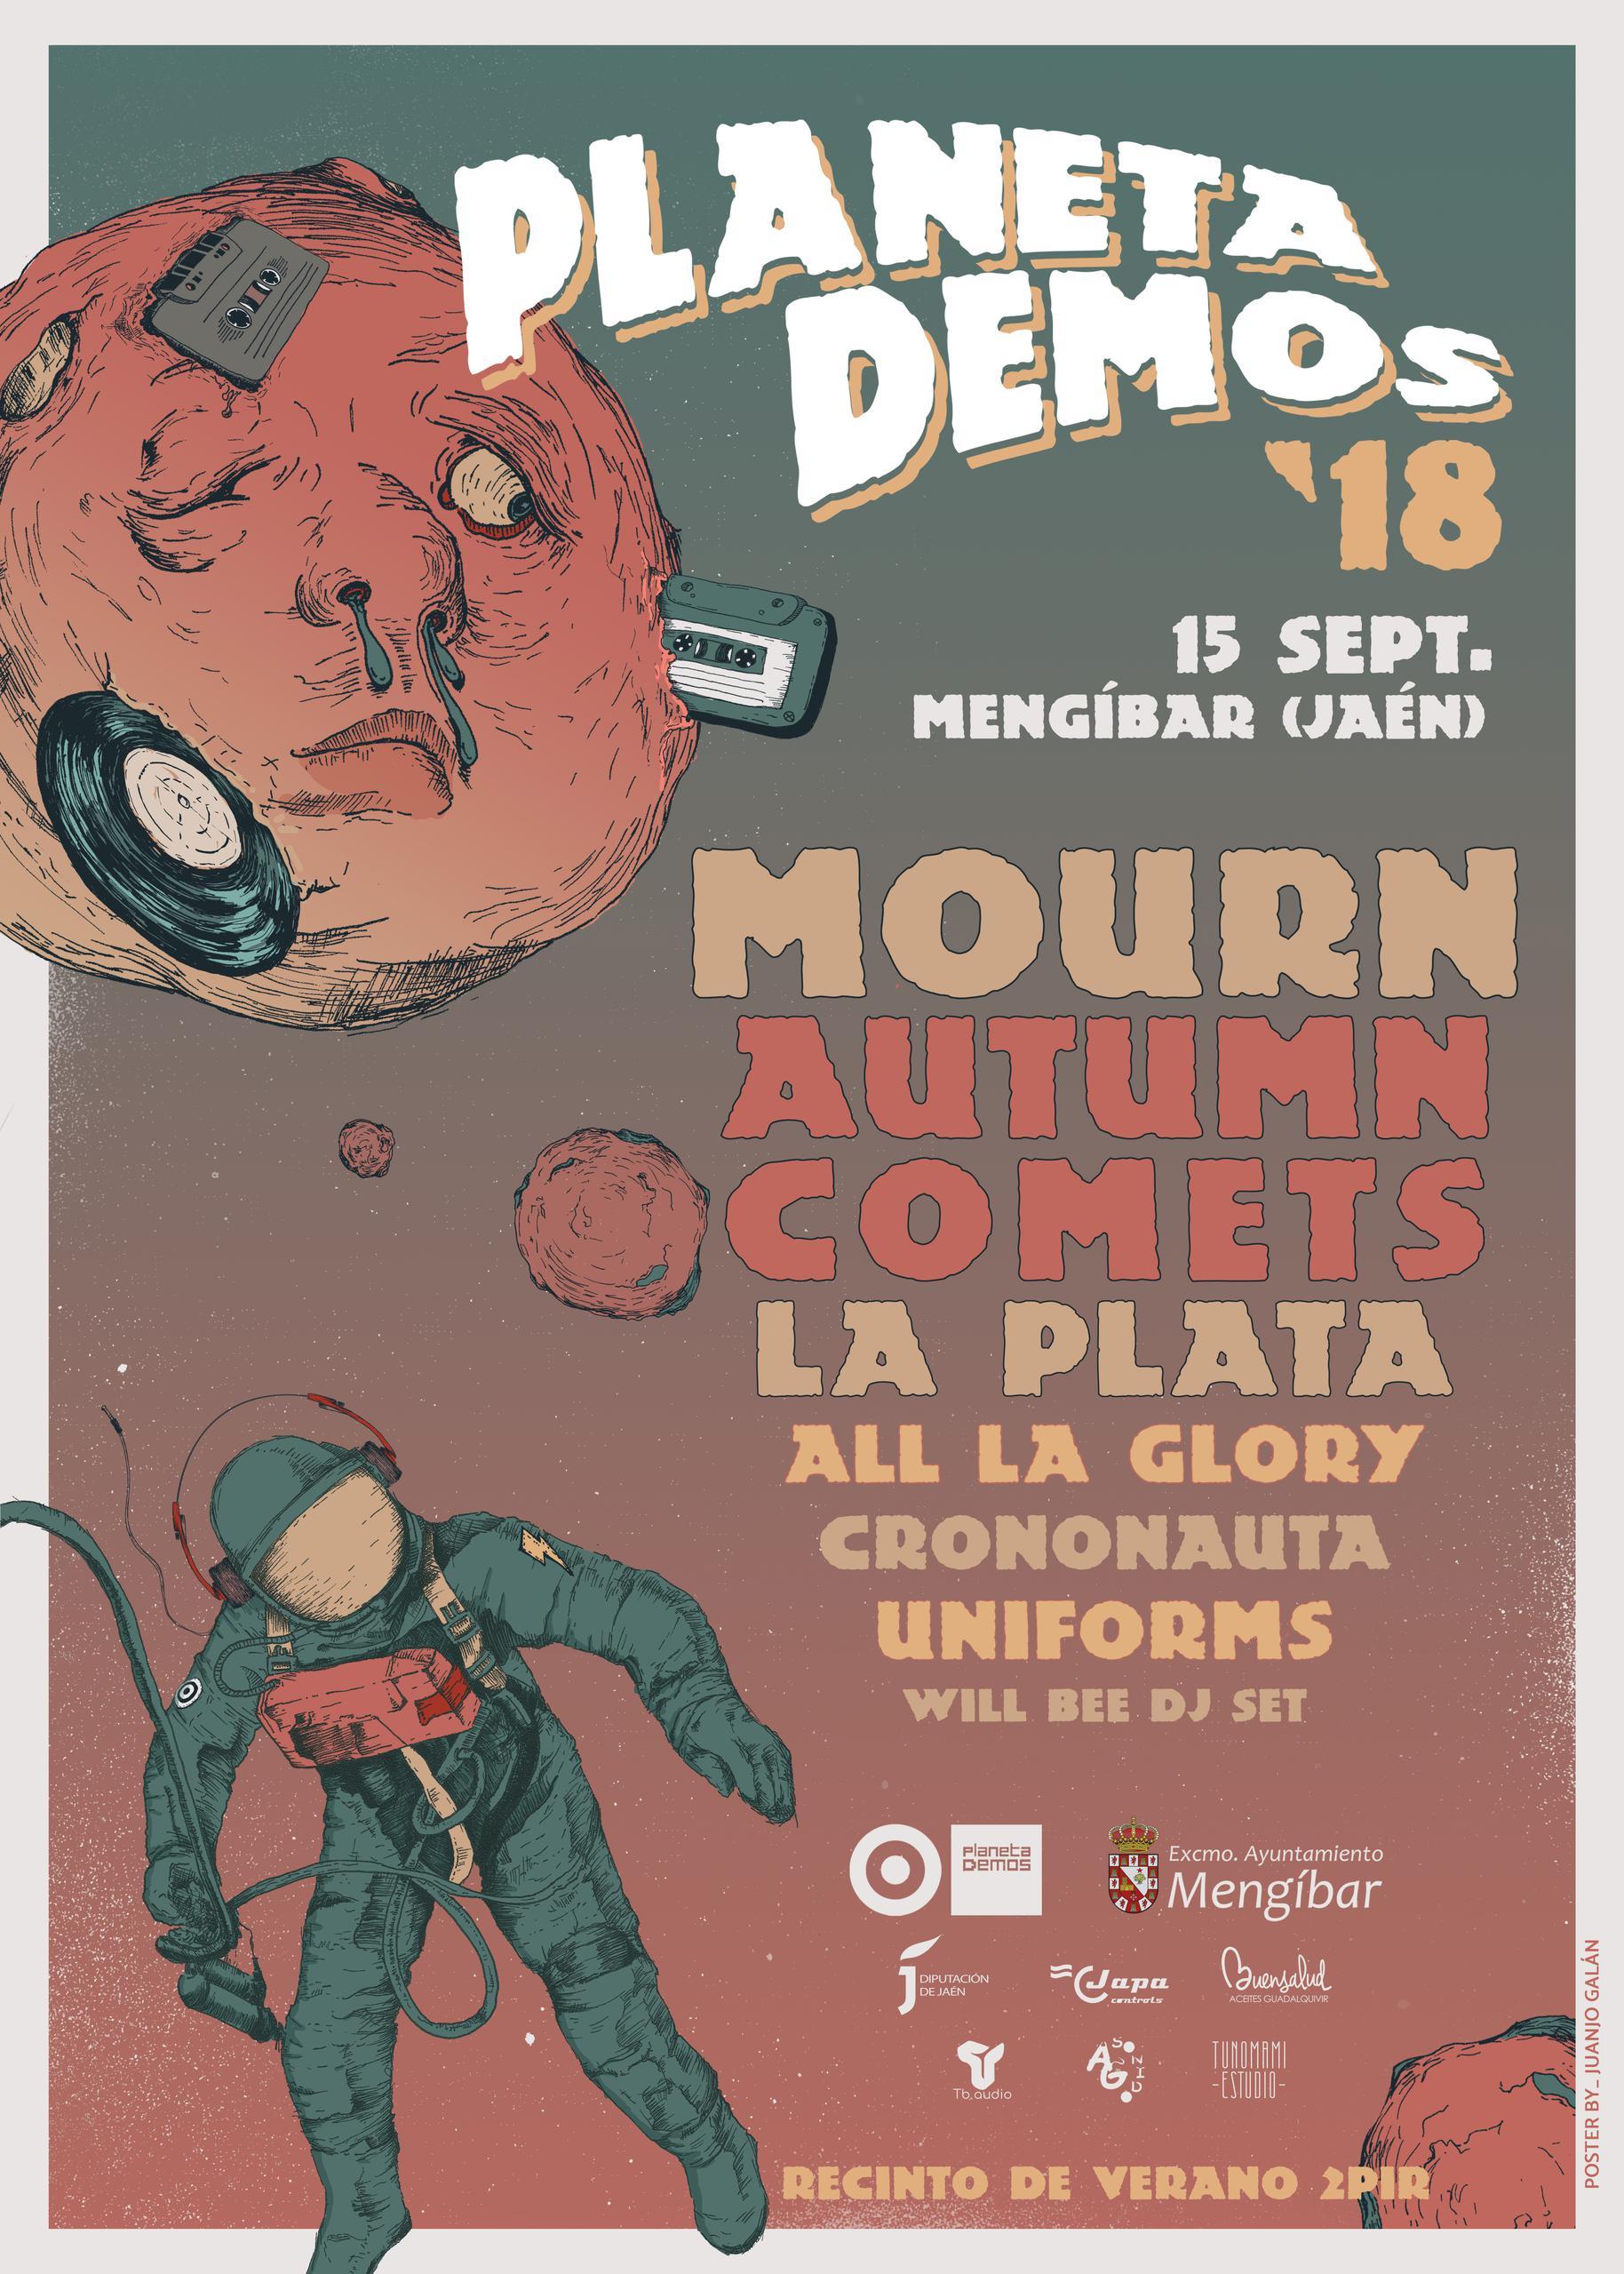 Cartel Festival Planeta Demos 2018